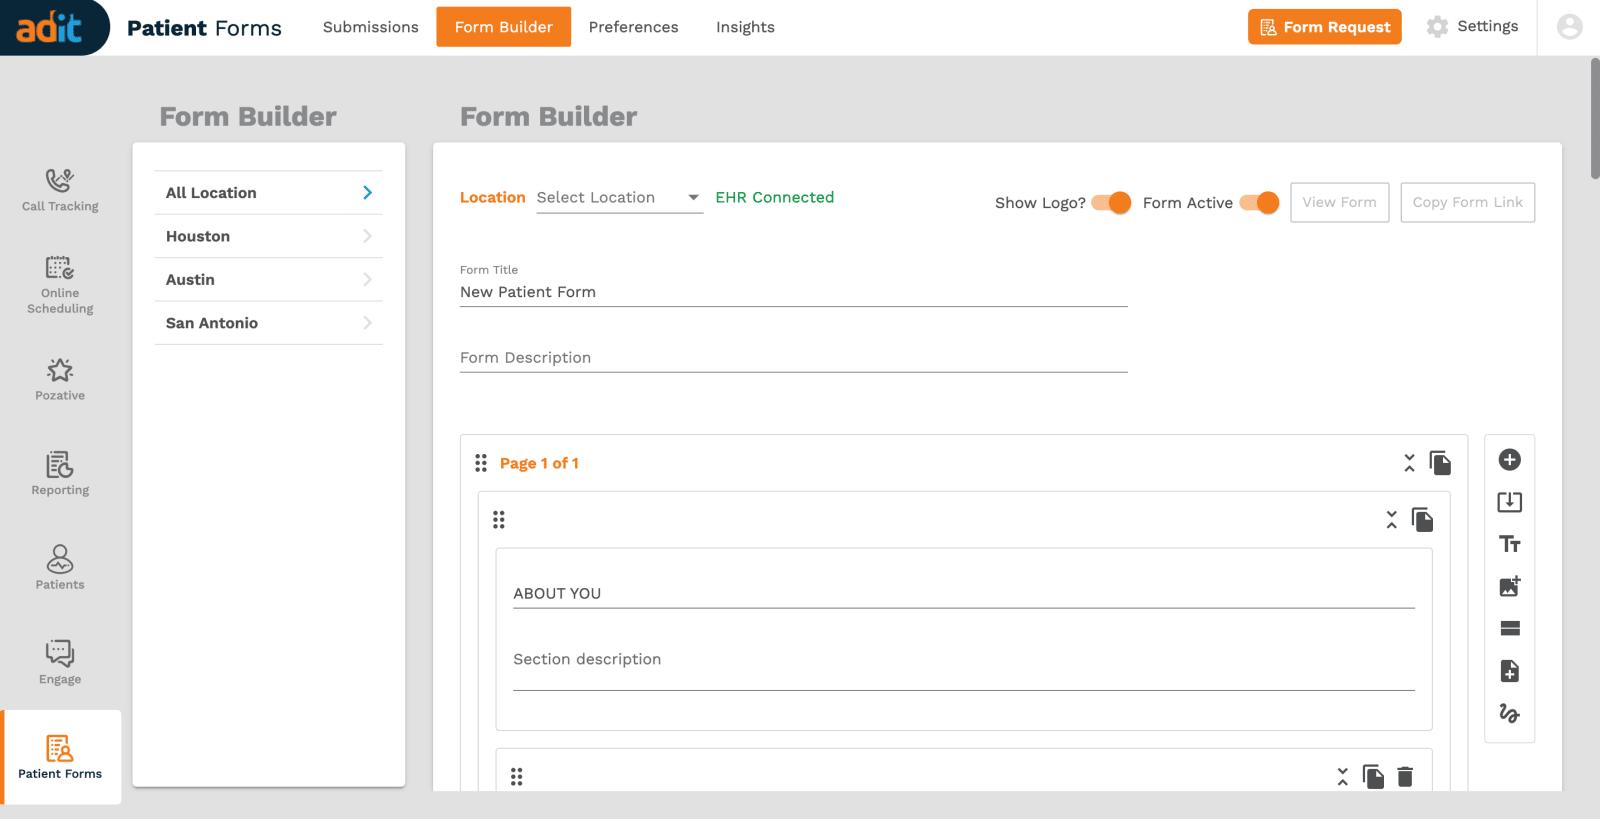 Adit Patient Form Builder